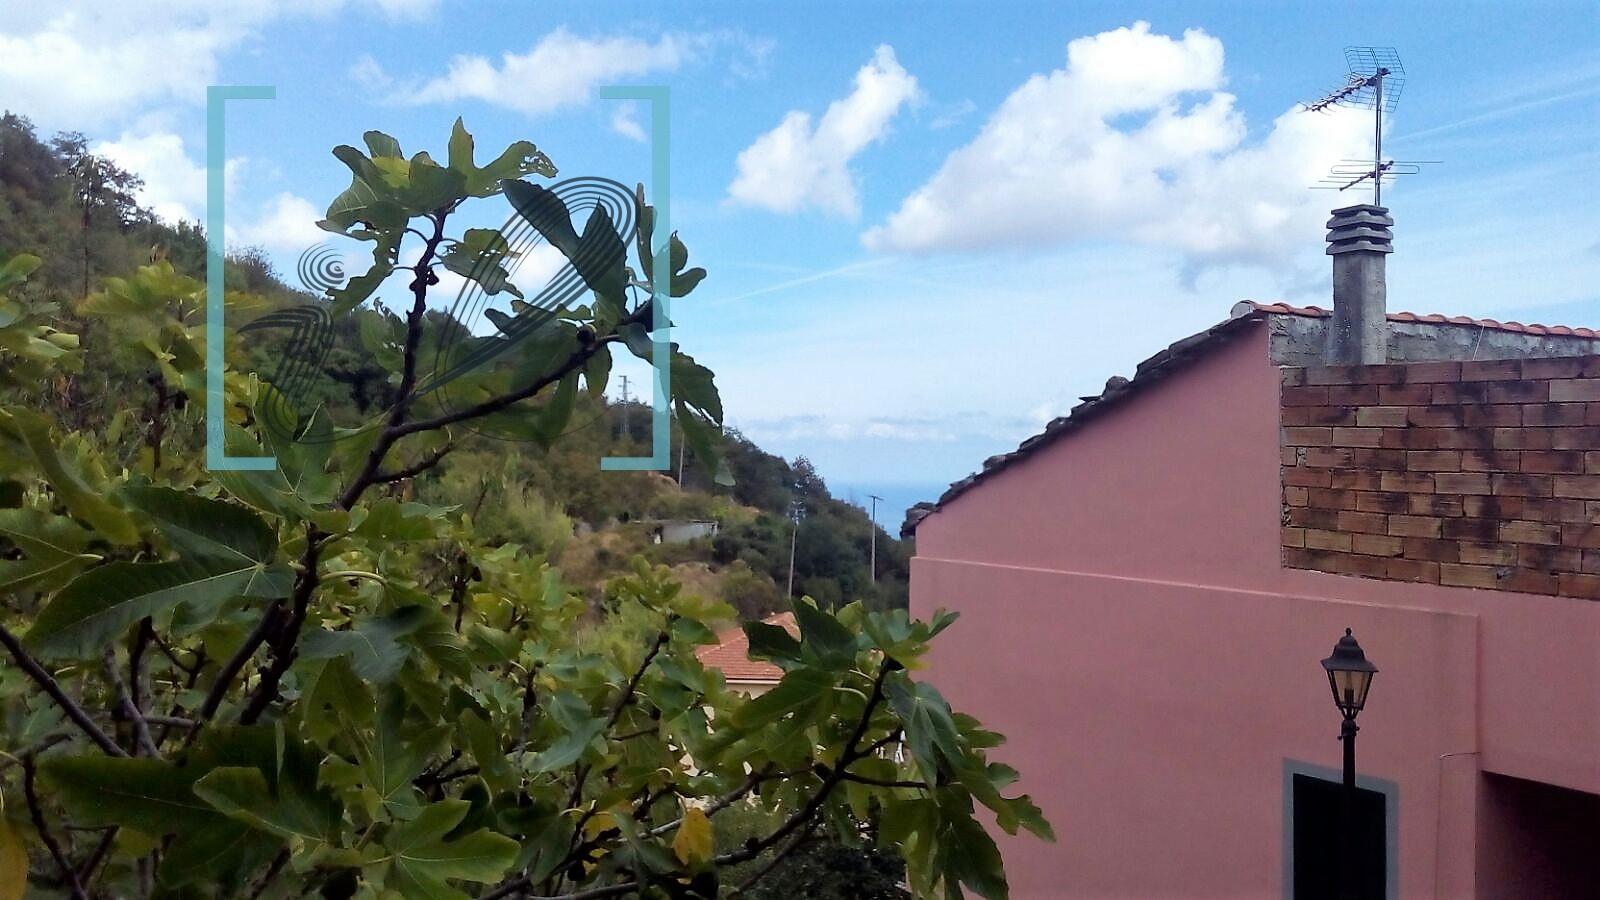 Appartamento in vendita a Balestrino, 2 locali, zona Zona: Poggio, prezzo € 40.000 | CambioCasa.it